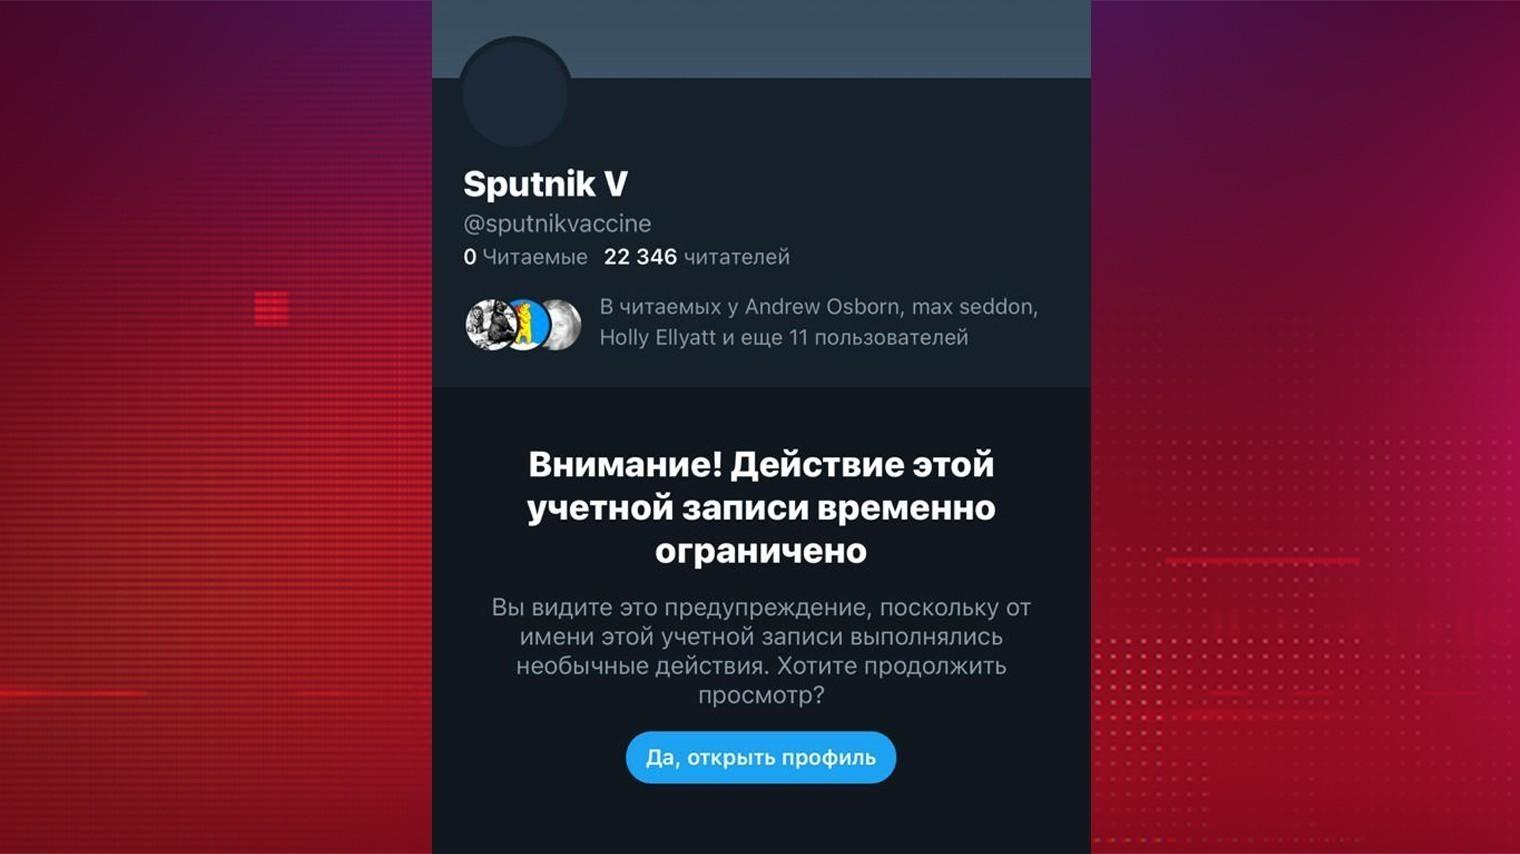 Twitter ограничил доступ к аккаунту российской вакцины «Спутник V»